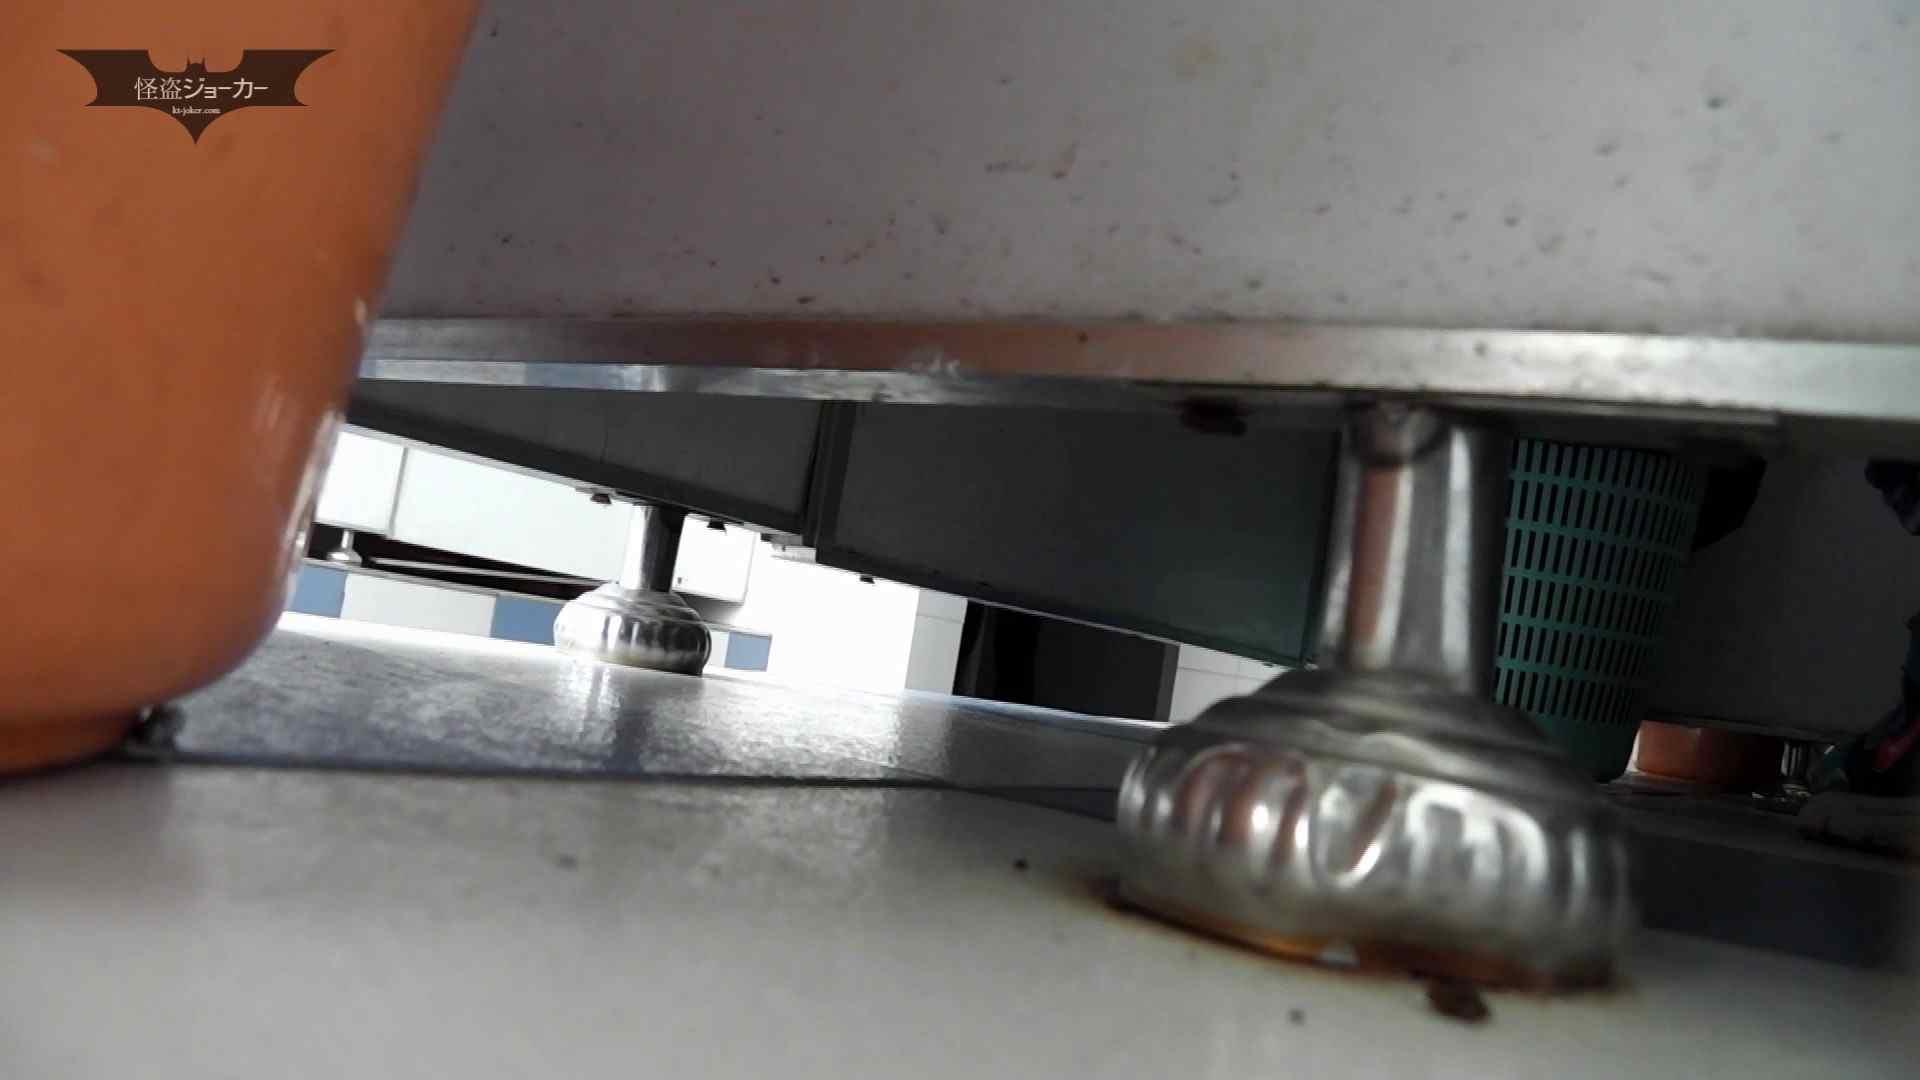 トイレ盗撮|下からノゾム vol.032 走って追跡、そして、カメラ見られ大ピンチ|怪盗ジョーカー